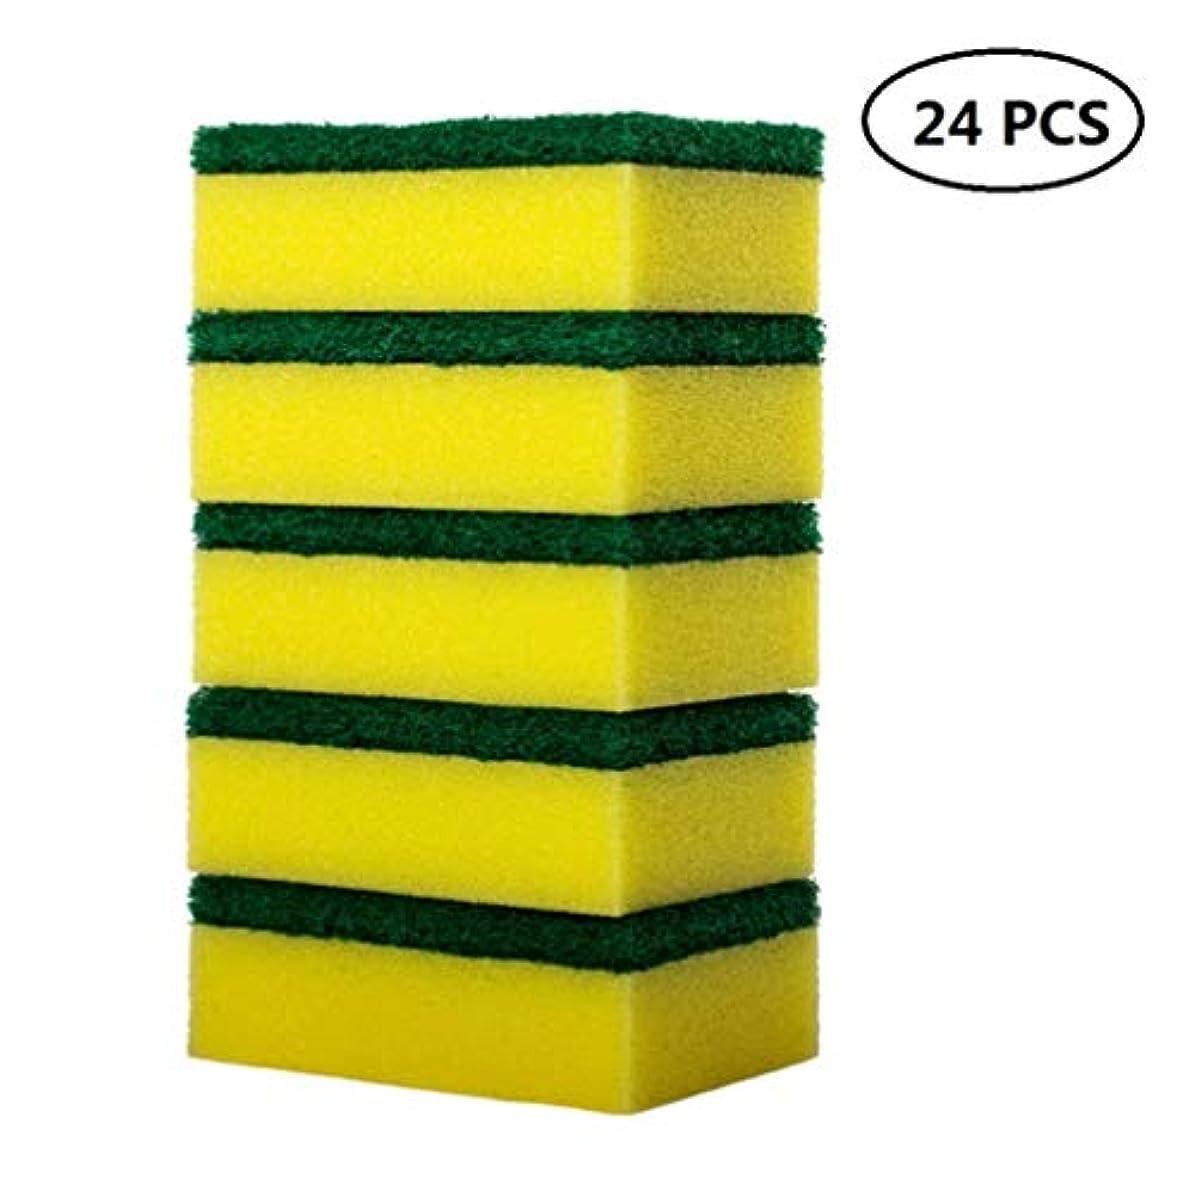 誓うクラシック暗くするBESTONZON 24ピーススポンジ精練パッド食器洗いスポンジキッチンクリーニングナノコットン洗浄ポットブラシ(黄色+緑)